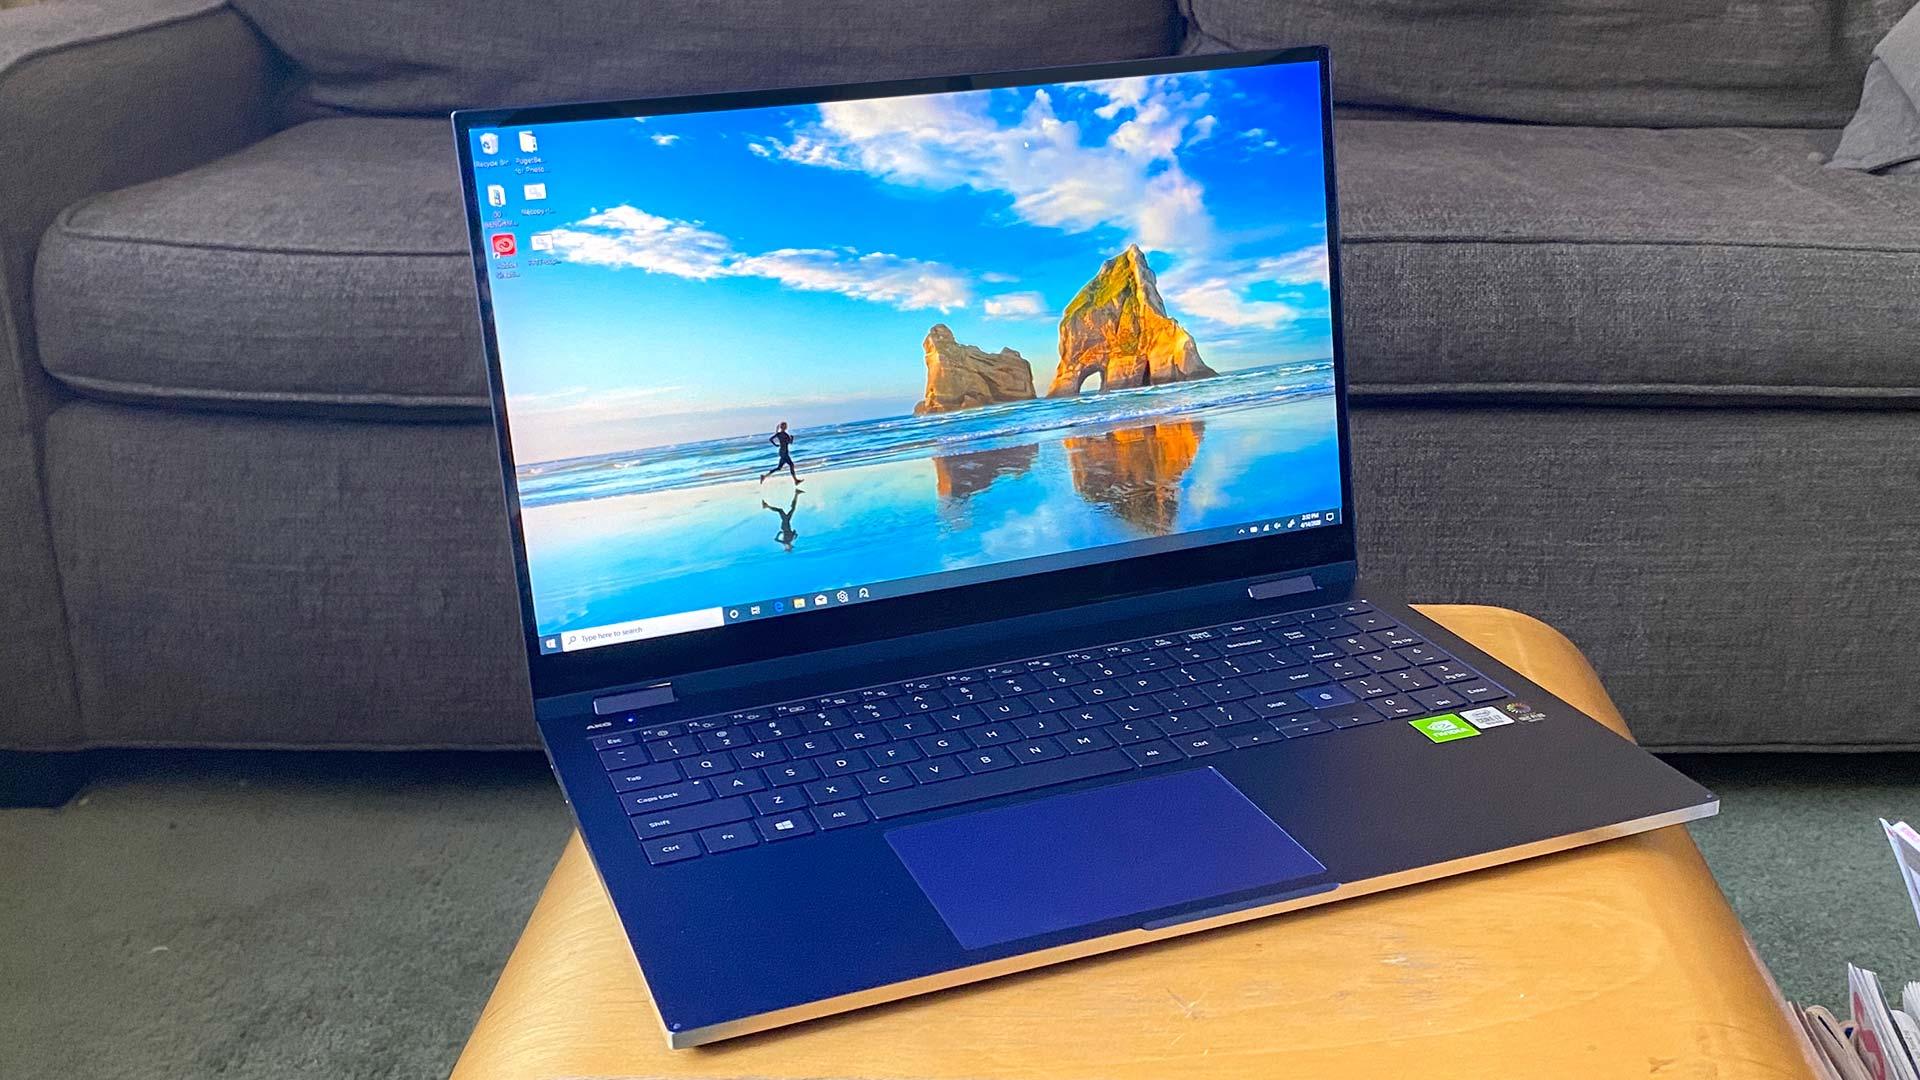 Best 2-in-1 laptops: Samsung Galaxy Book Flex